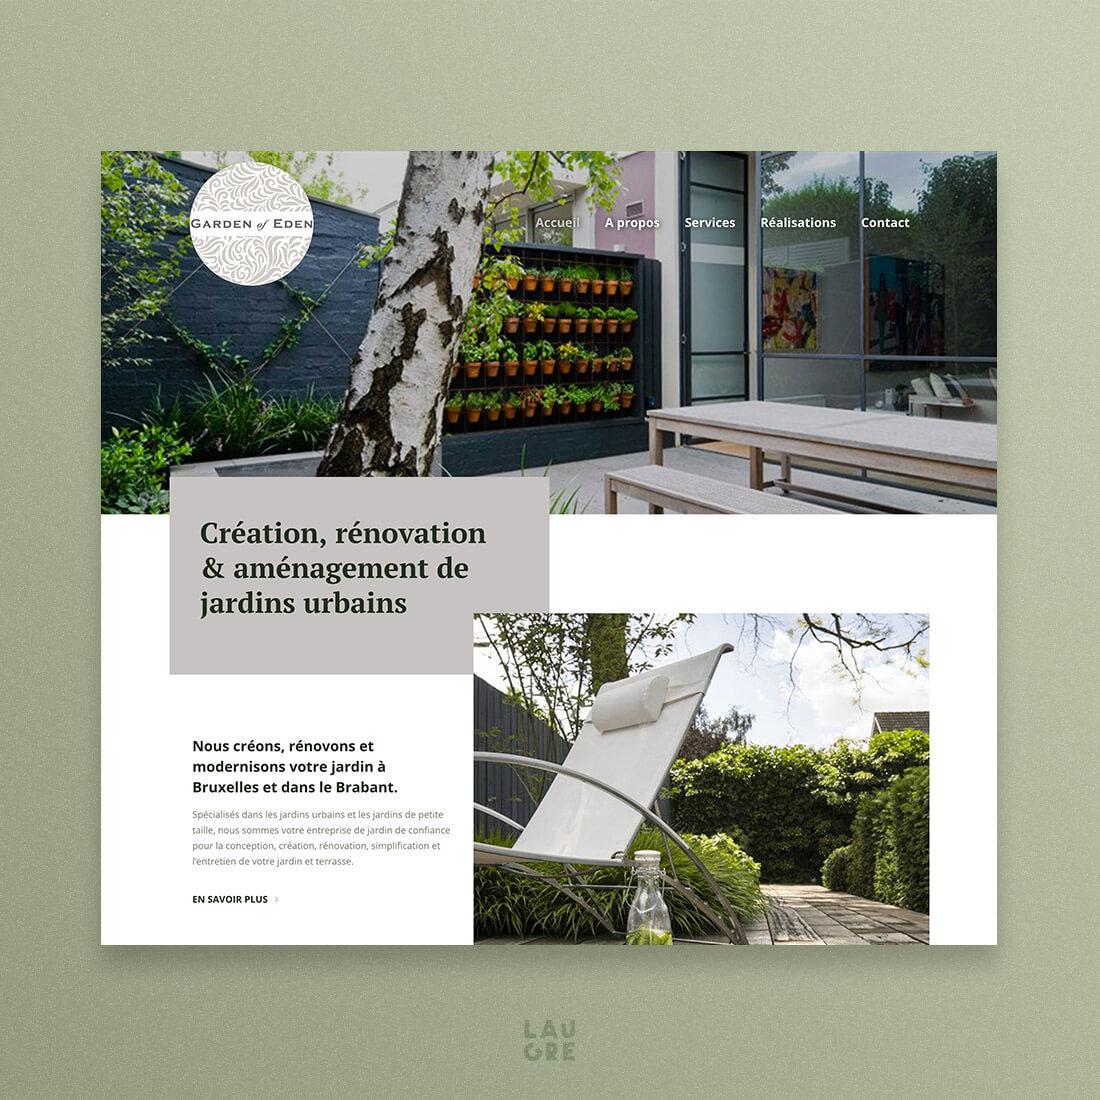 laugre-GardenOfEden-web01